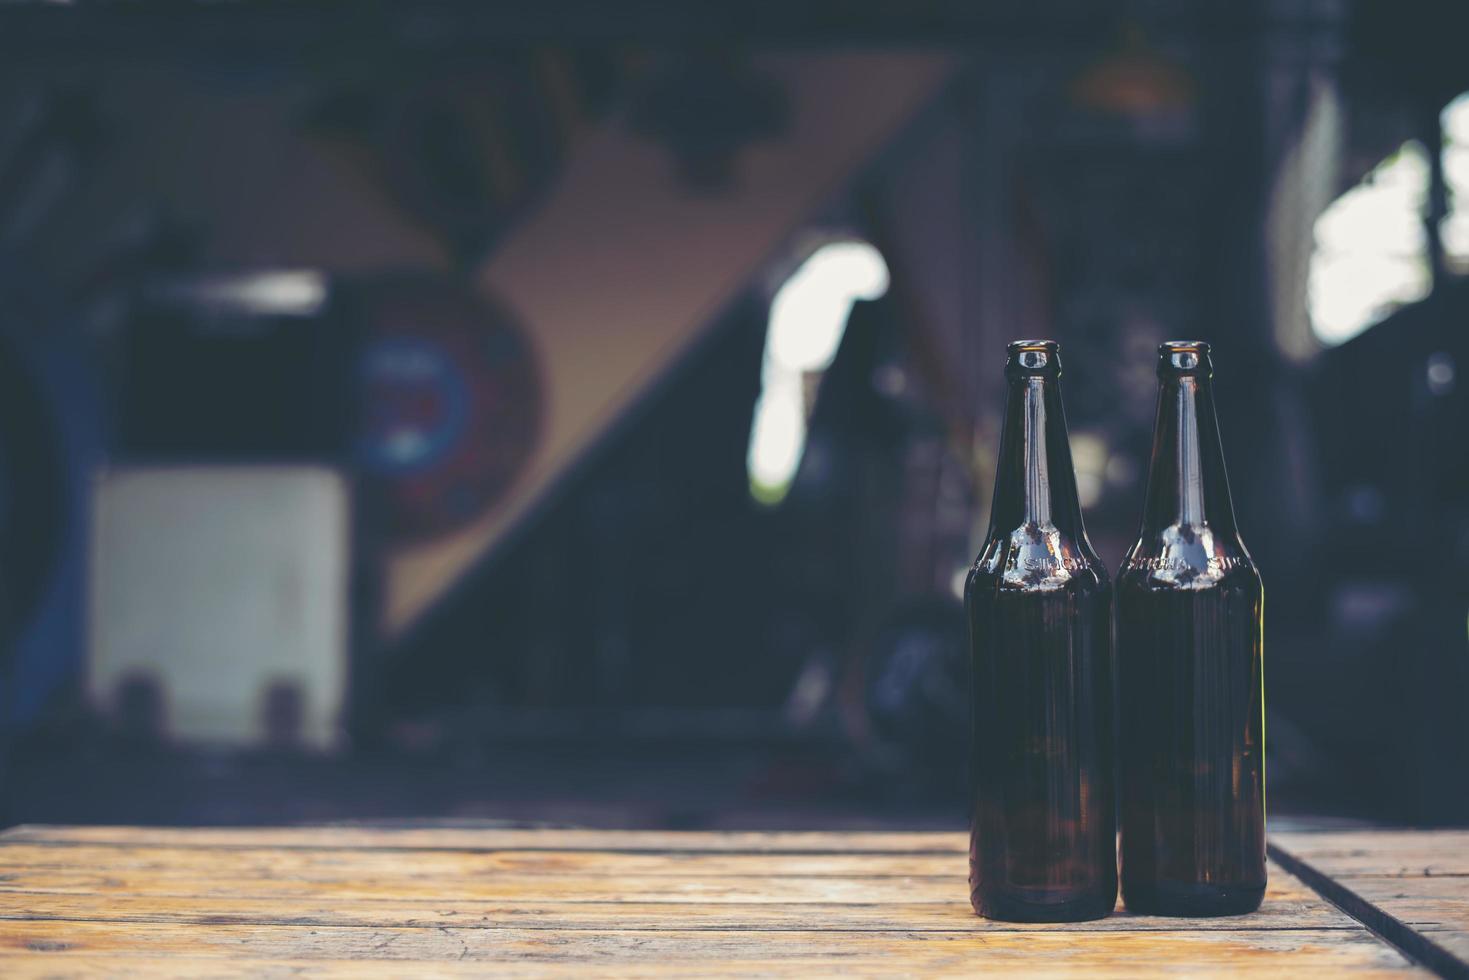 bouteilles en verre de bière photo